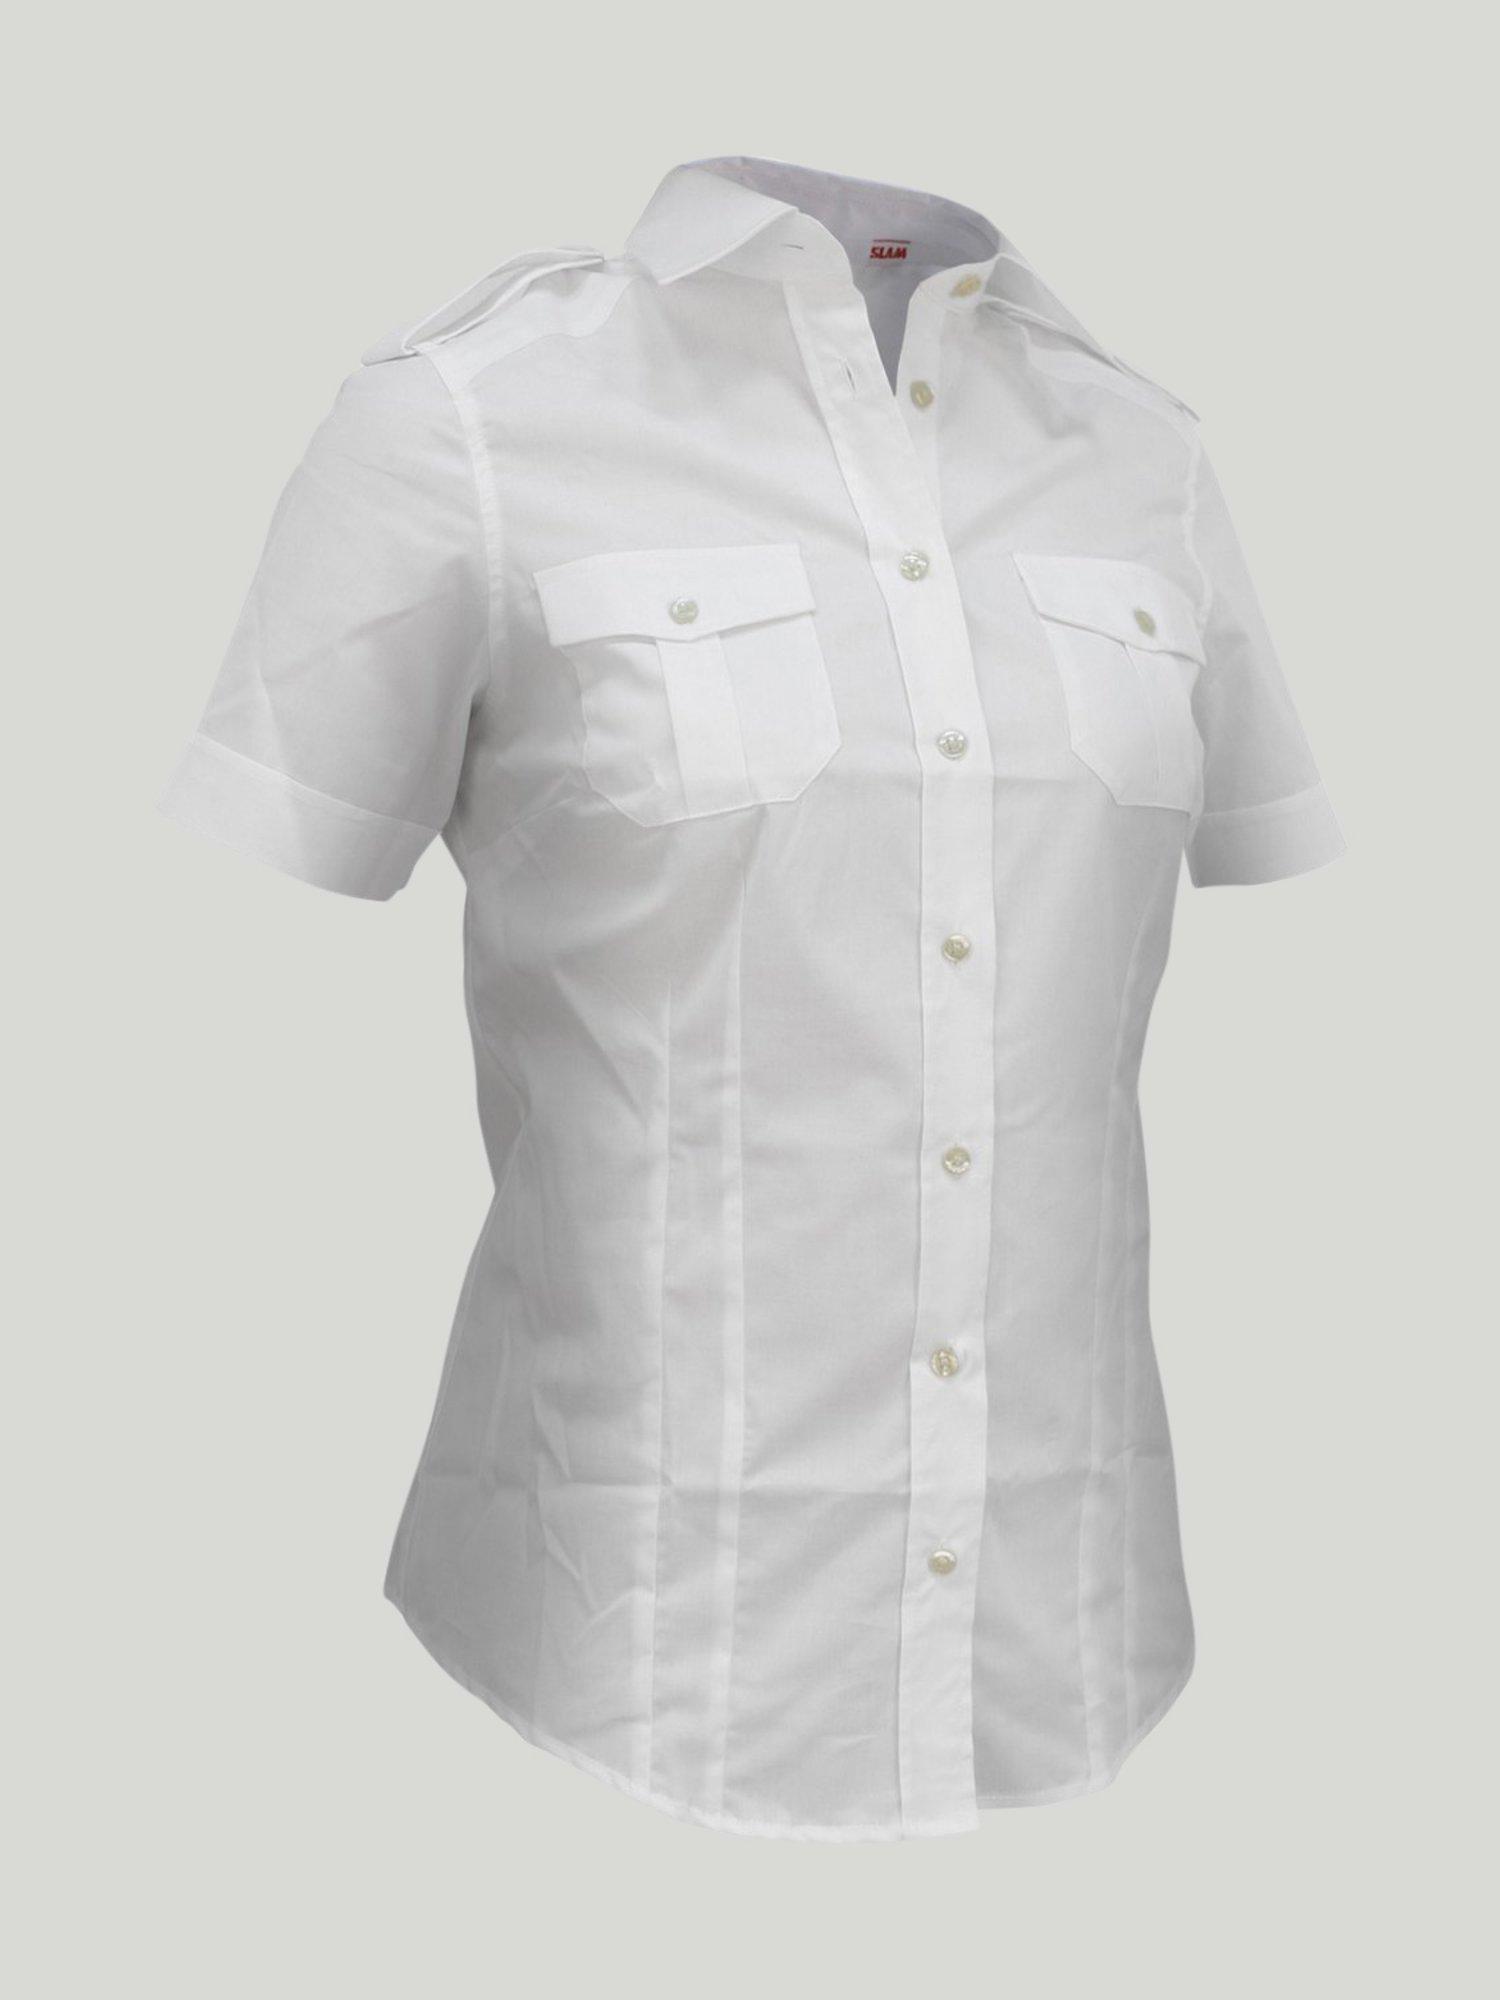 Bell SS shirt - White